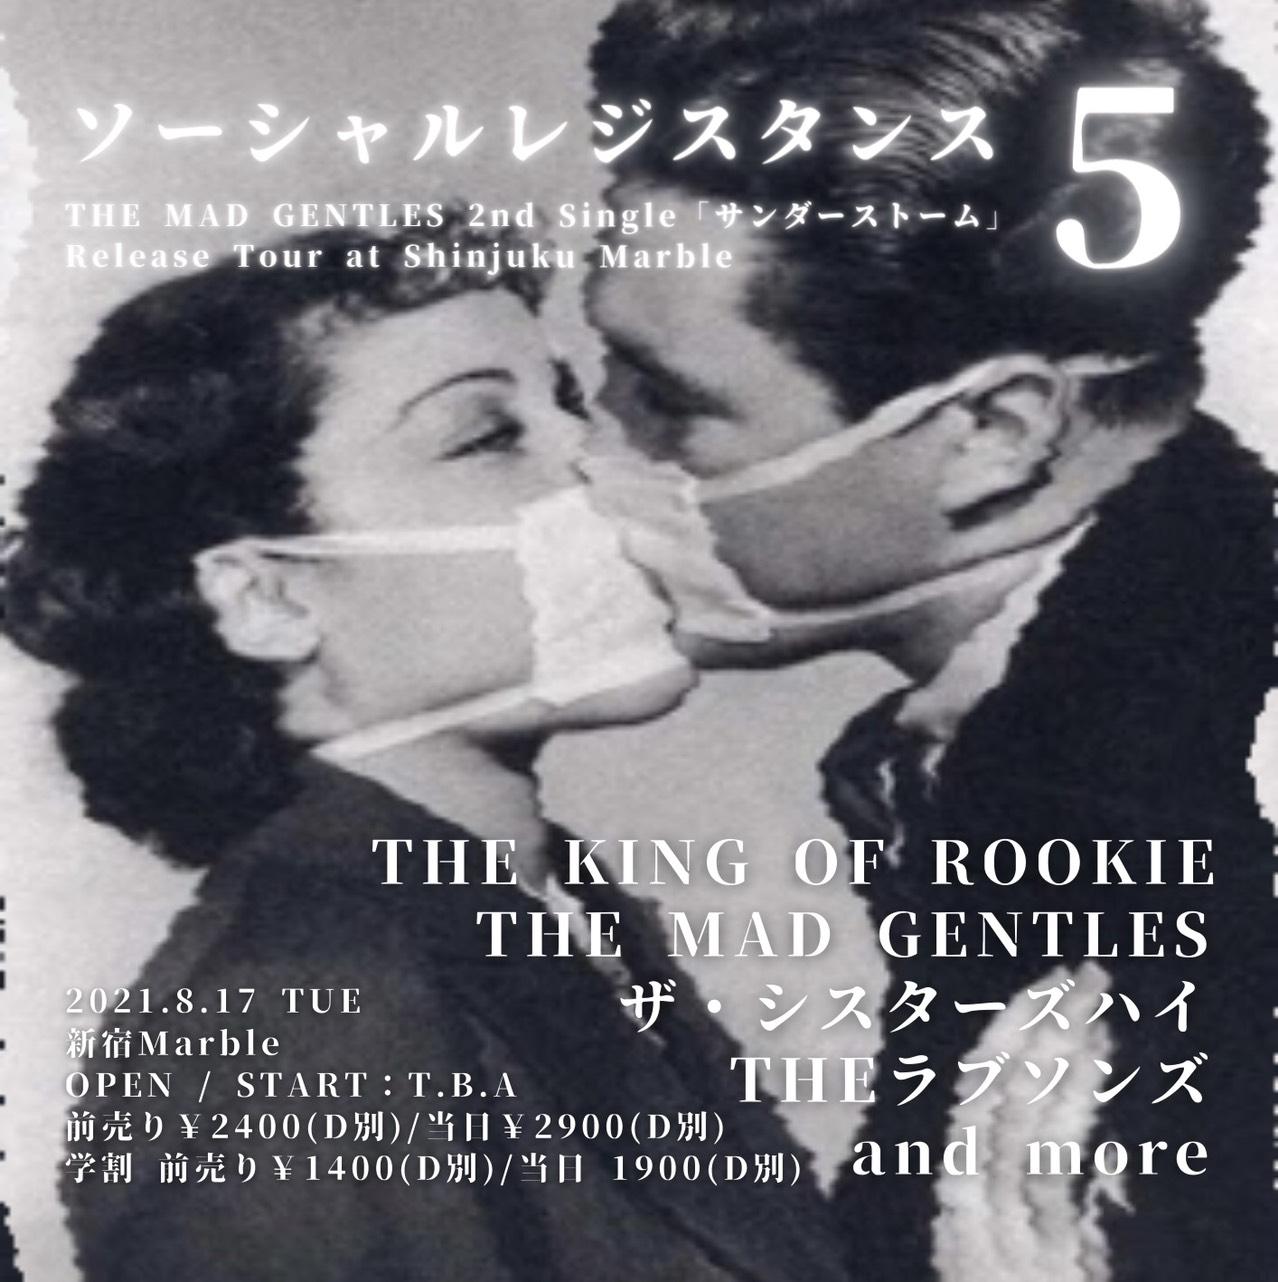 「ソーシャルレジスタンス5」 THE MAD GENTLES 2nd Single「サンダーストーム」Release Tour at Shinjuku Marble